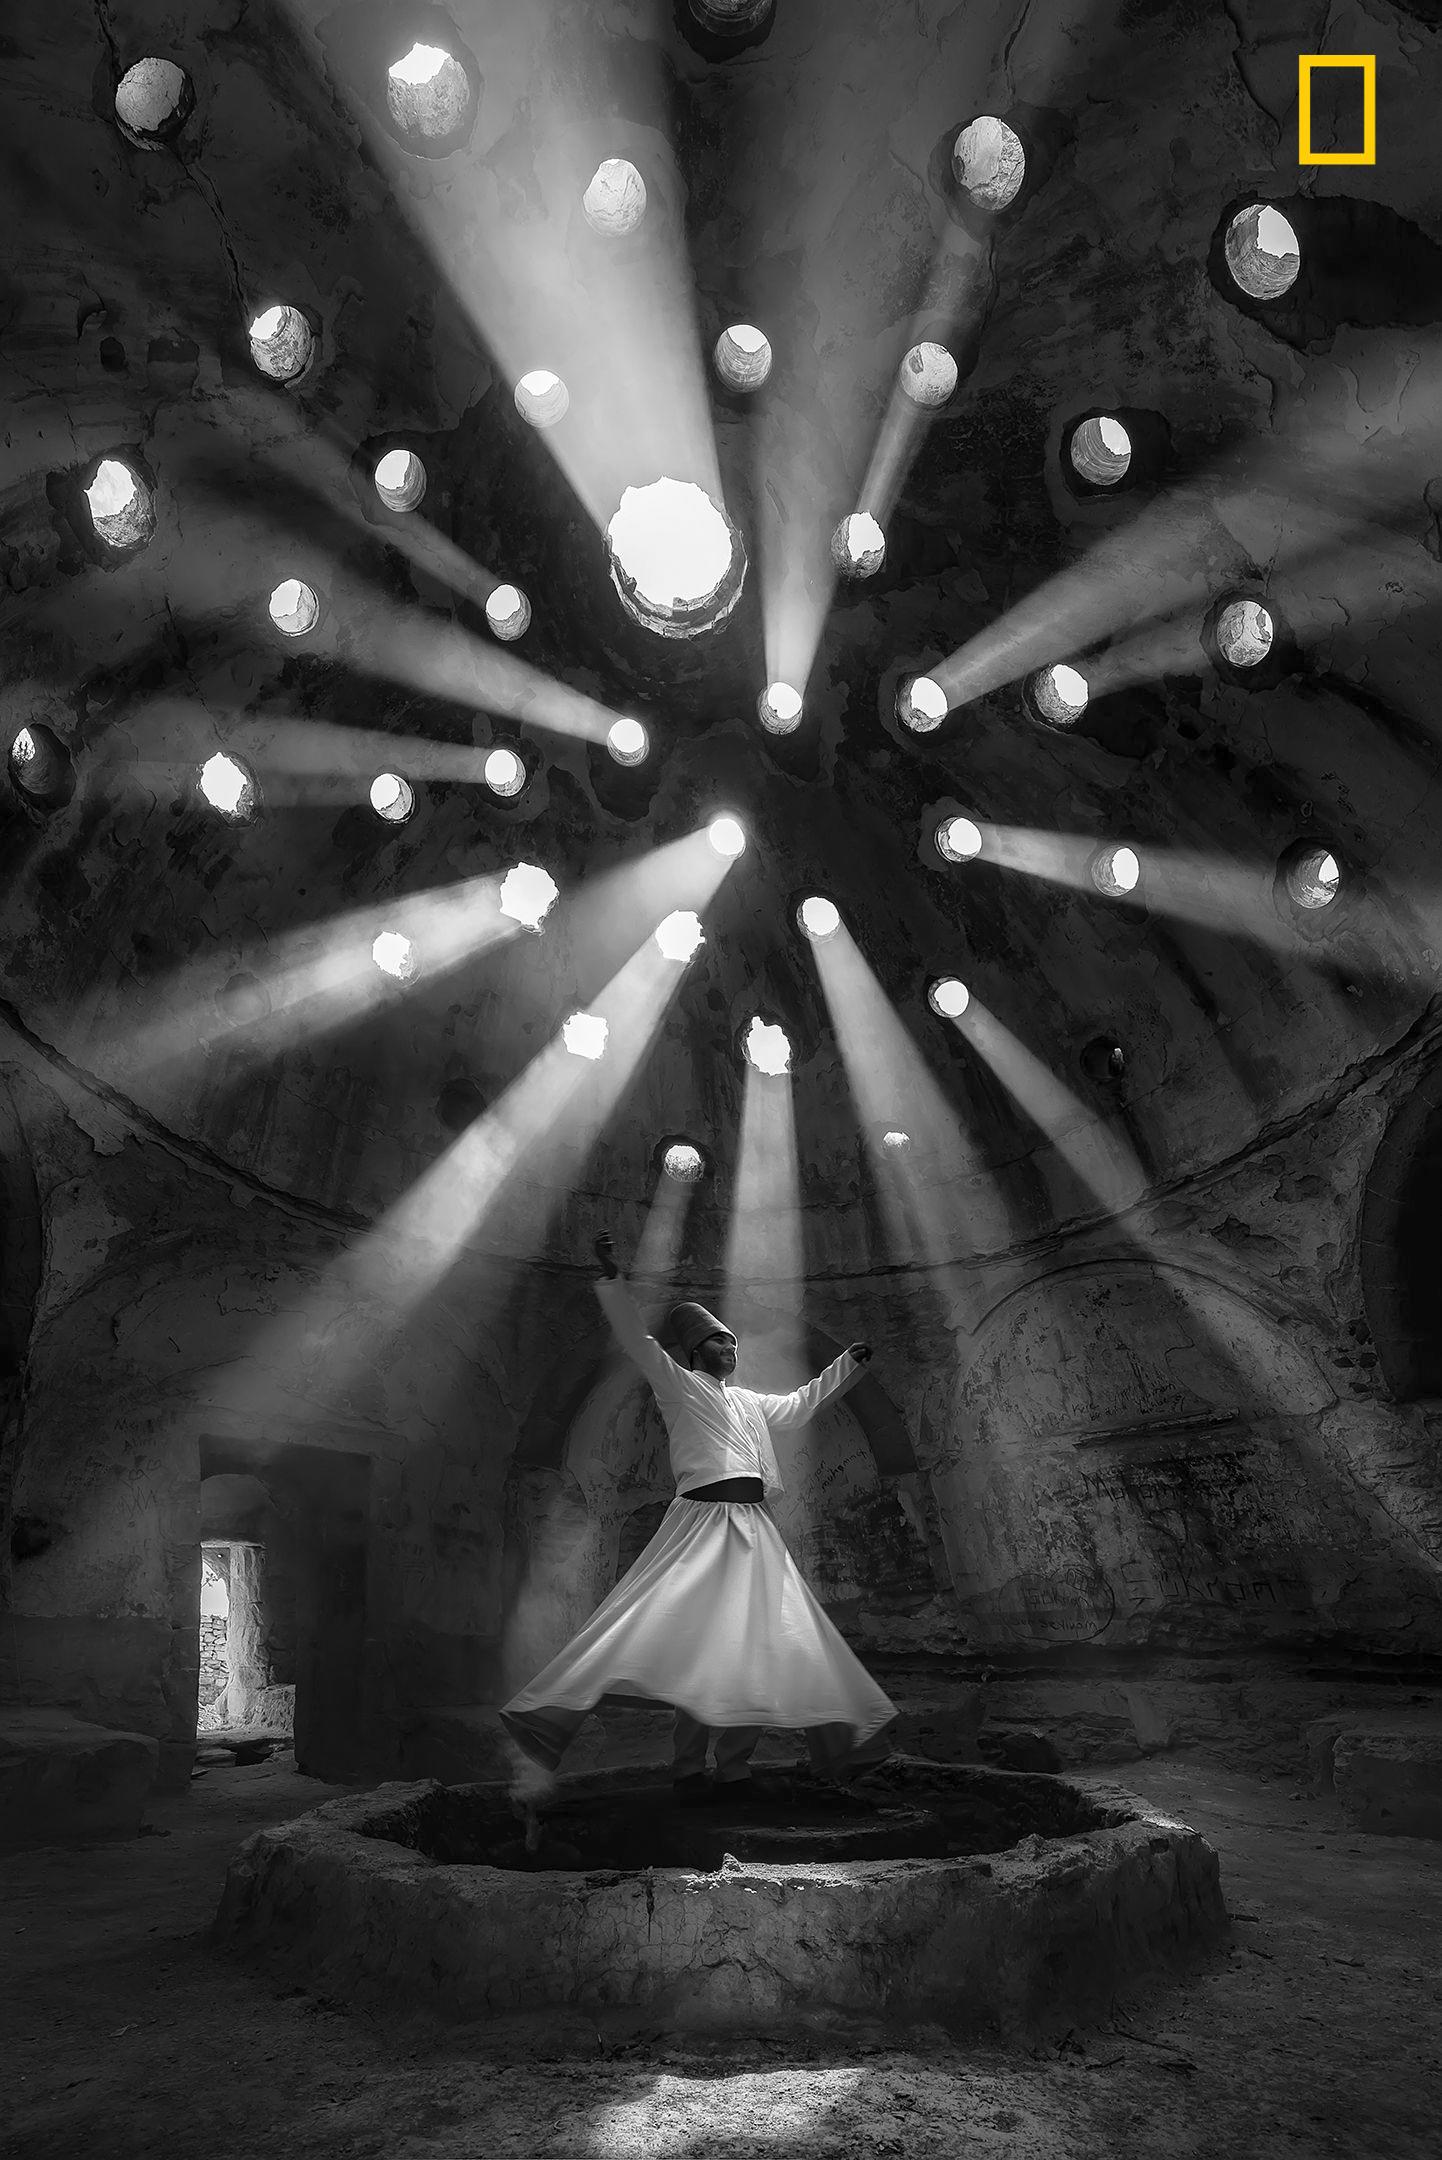 Worship. Fotografía de F. Dilek Uyar, ganadora en la categoría Gente.